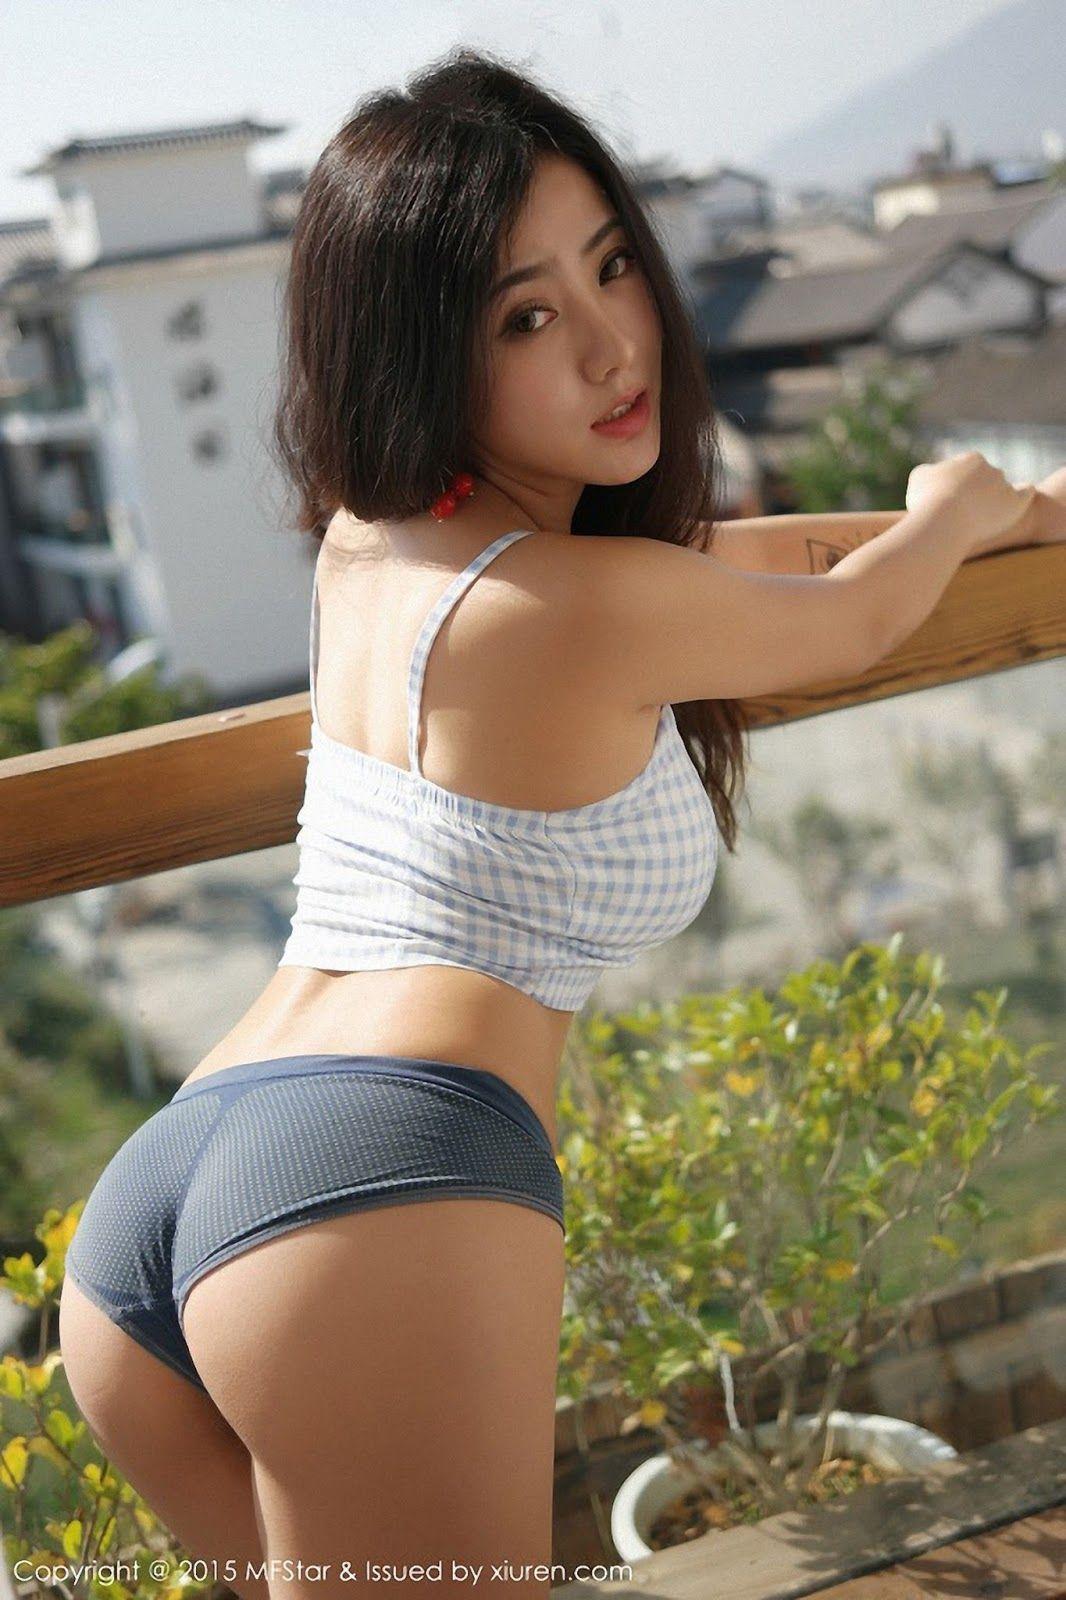 pretty nude shemale top